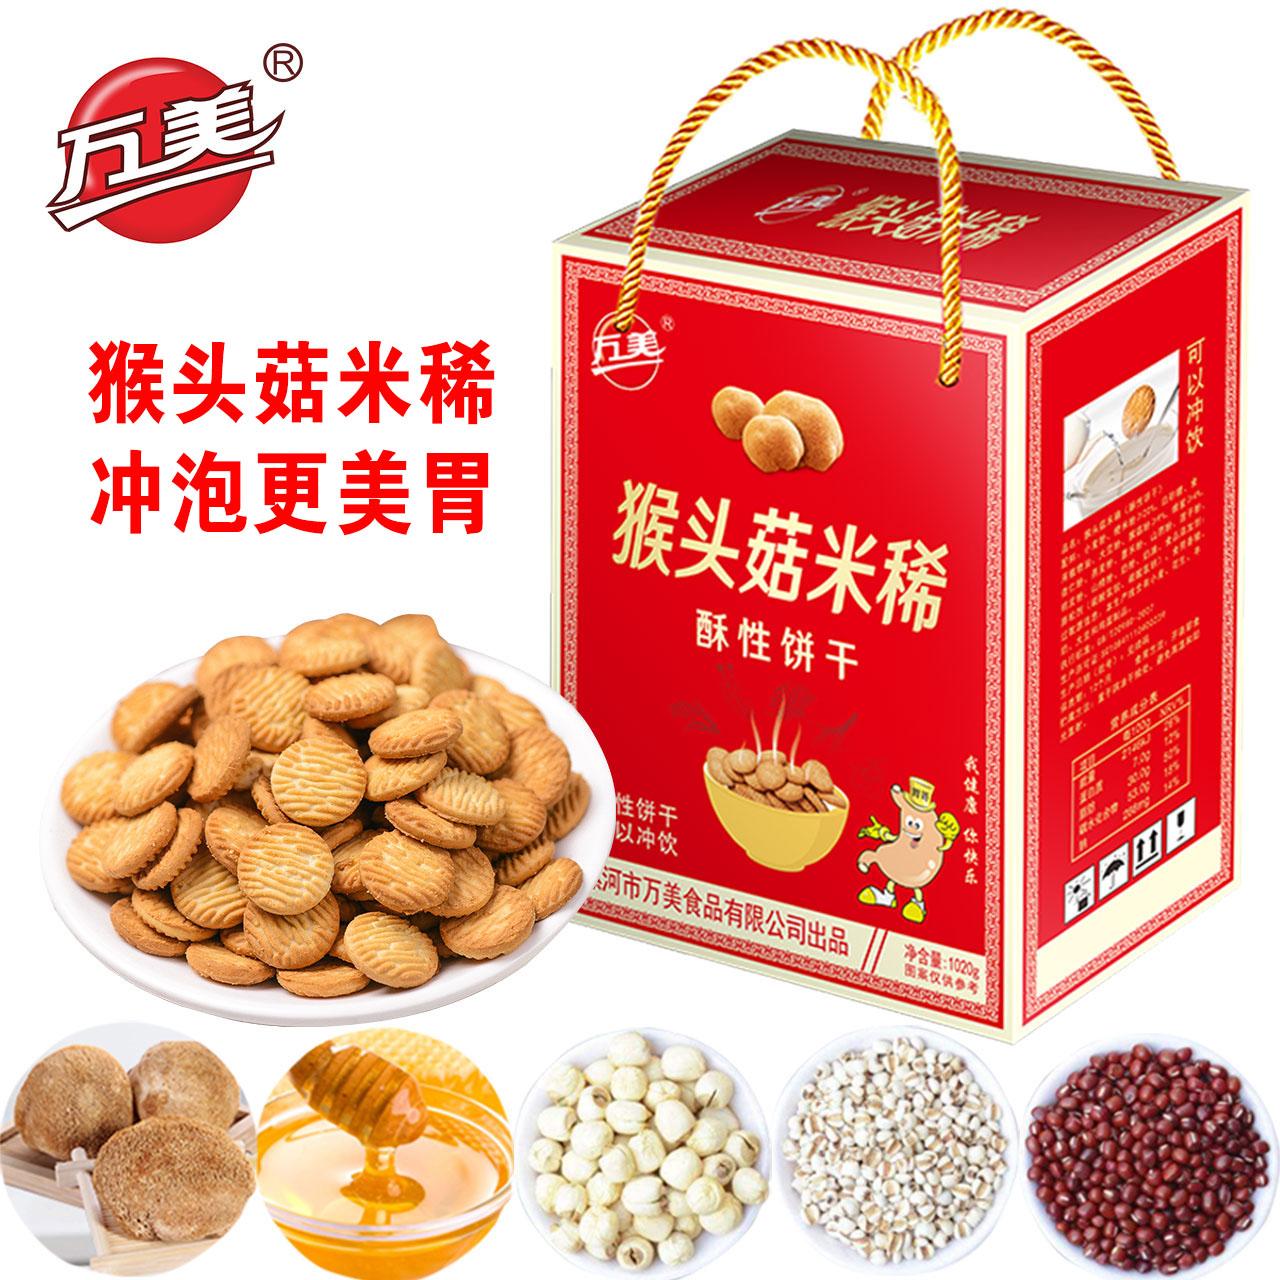 网红零食小吃猴菇饼干猴头菇饼猴头菇米稀饼干早餐饼干礼品装整箱